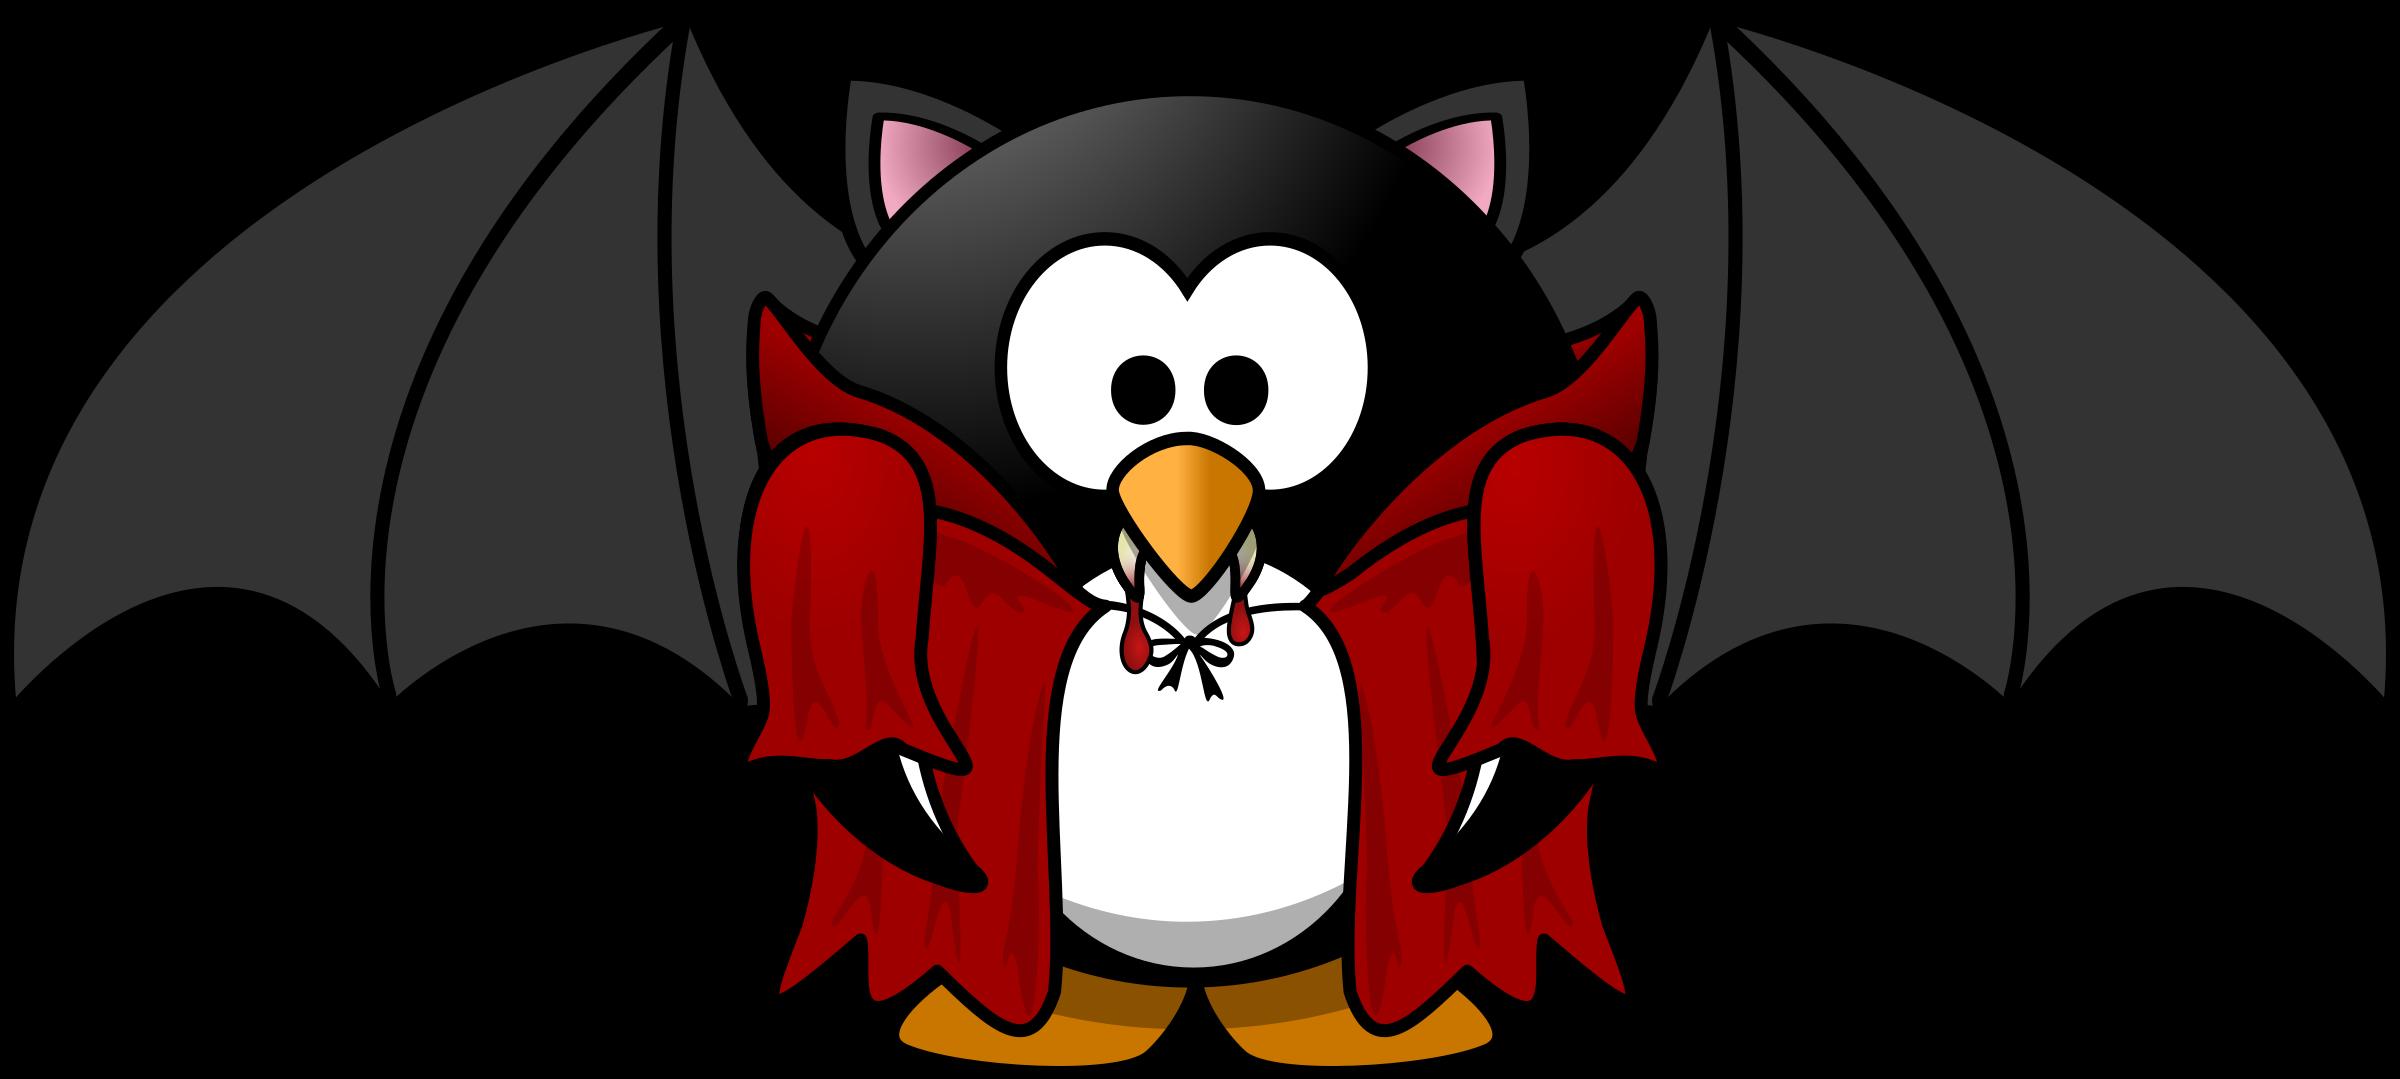 clip transparent stock Vampir clipart animal fang. Count pengula big image